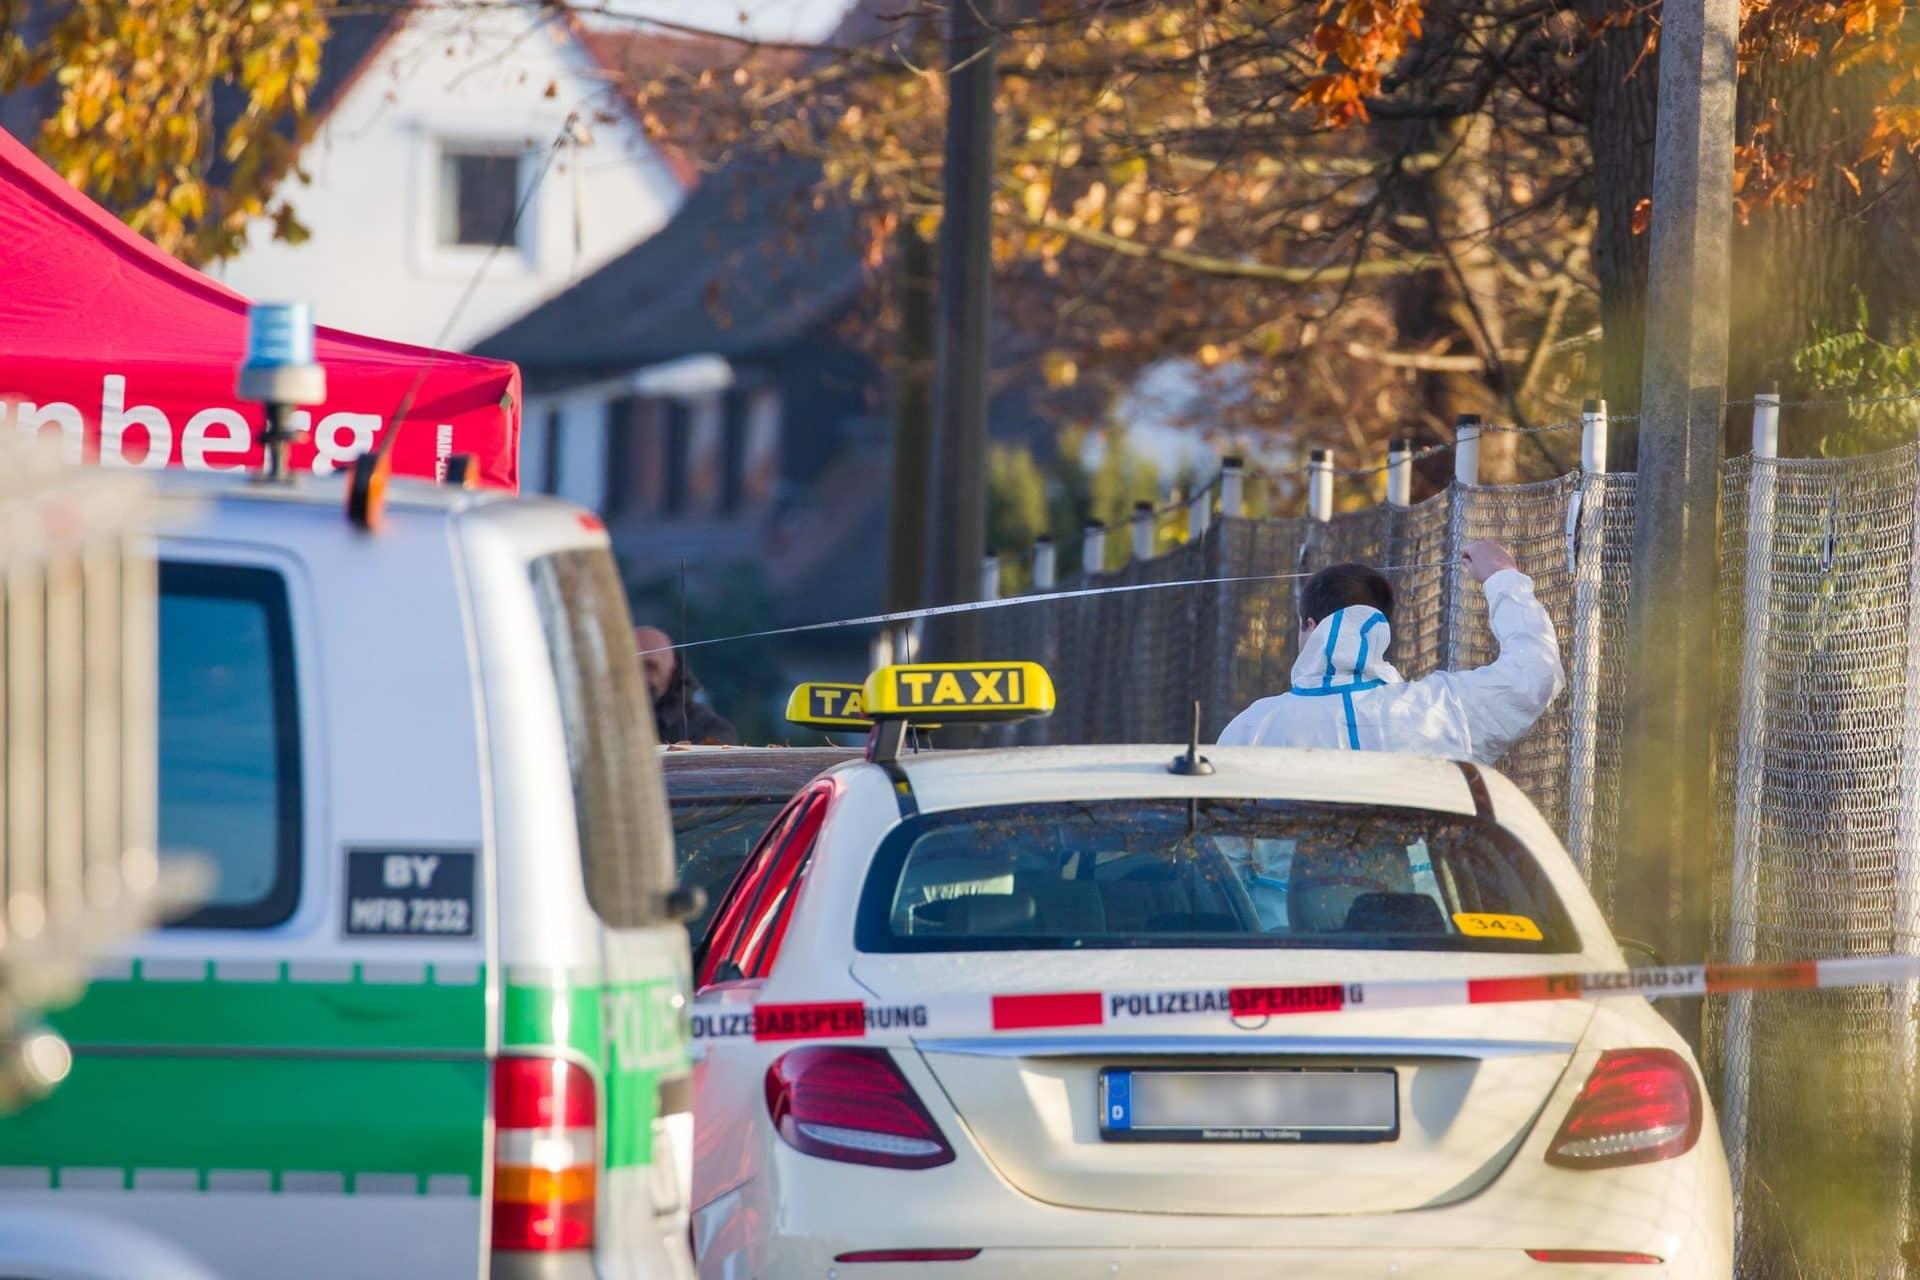 Ehemann nach Schüssen wegen Mordverdachts in U-Haft Zwei Menschen auf offener Straße in Nürnberg erschossen